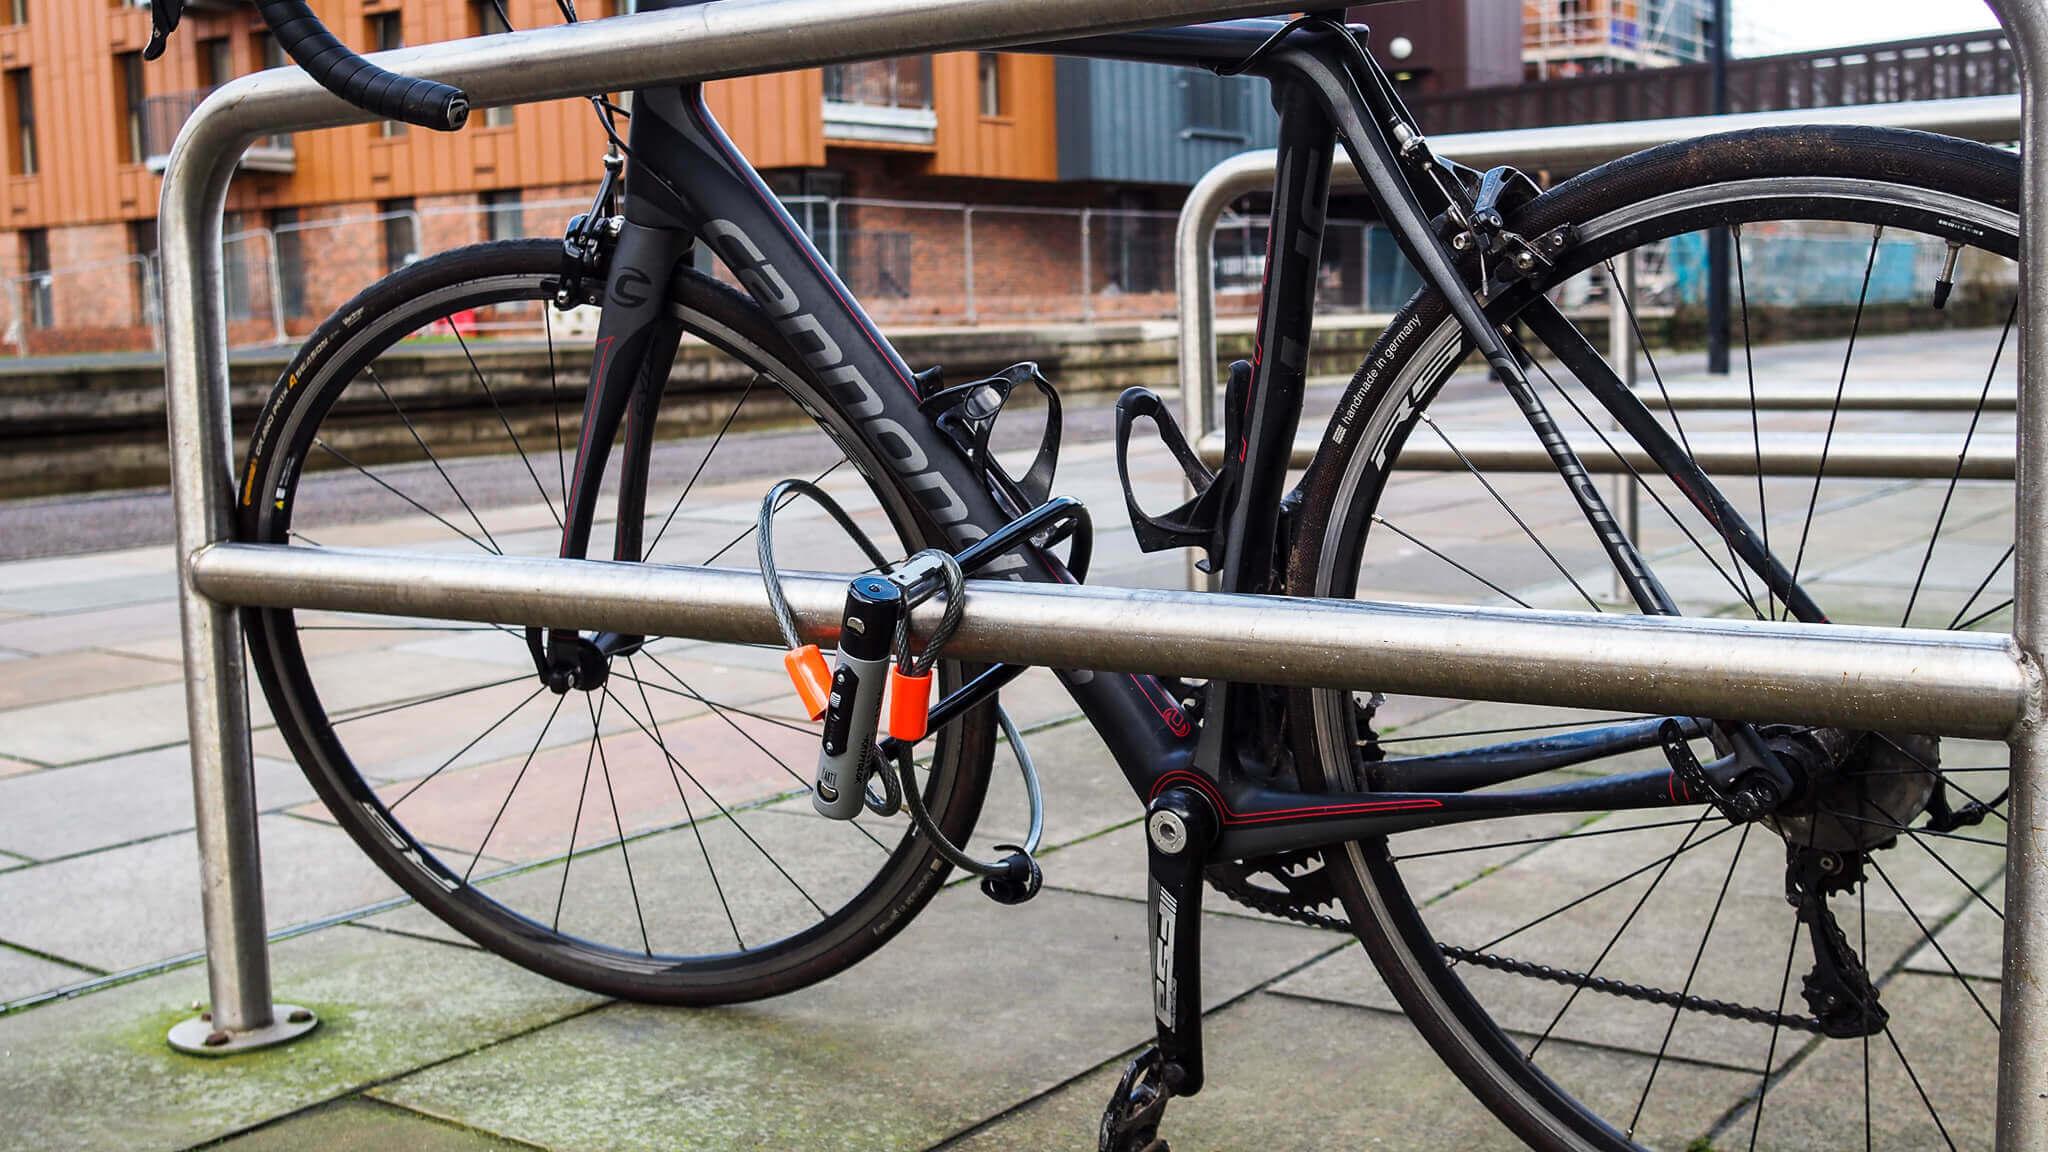 Fahrrad gegen Diebstahl sichern